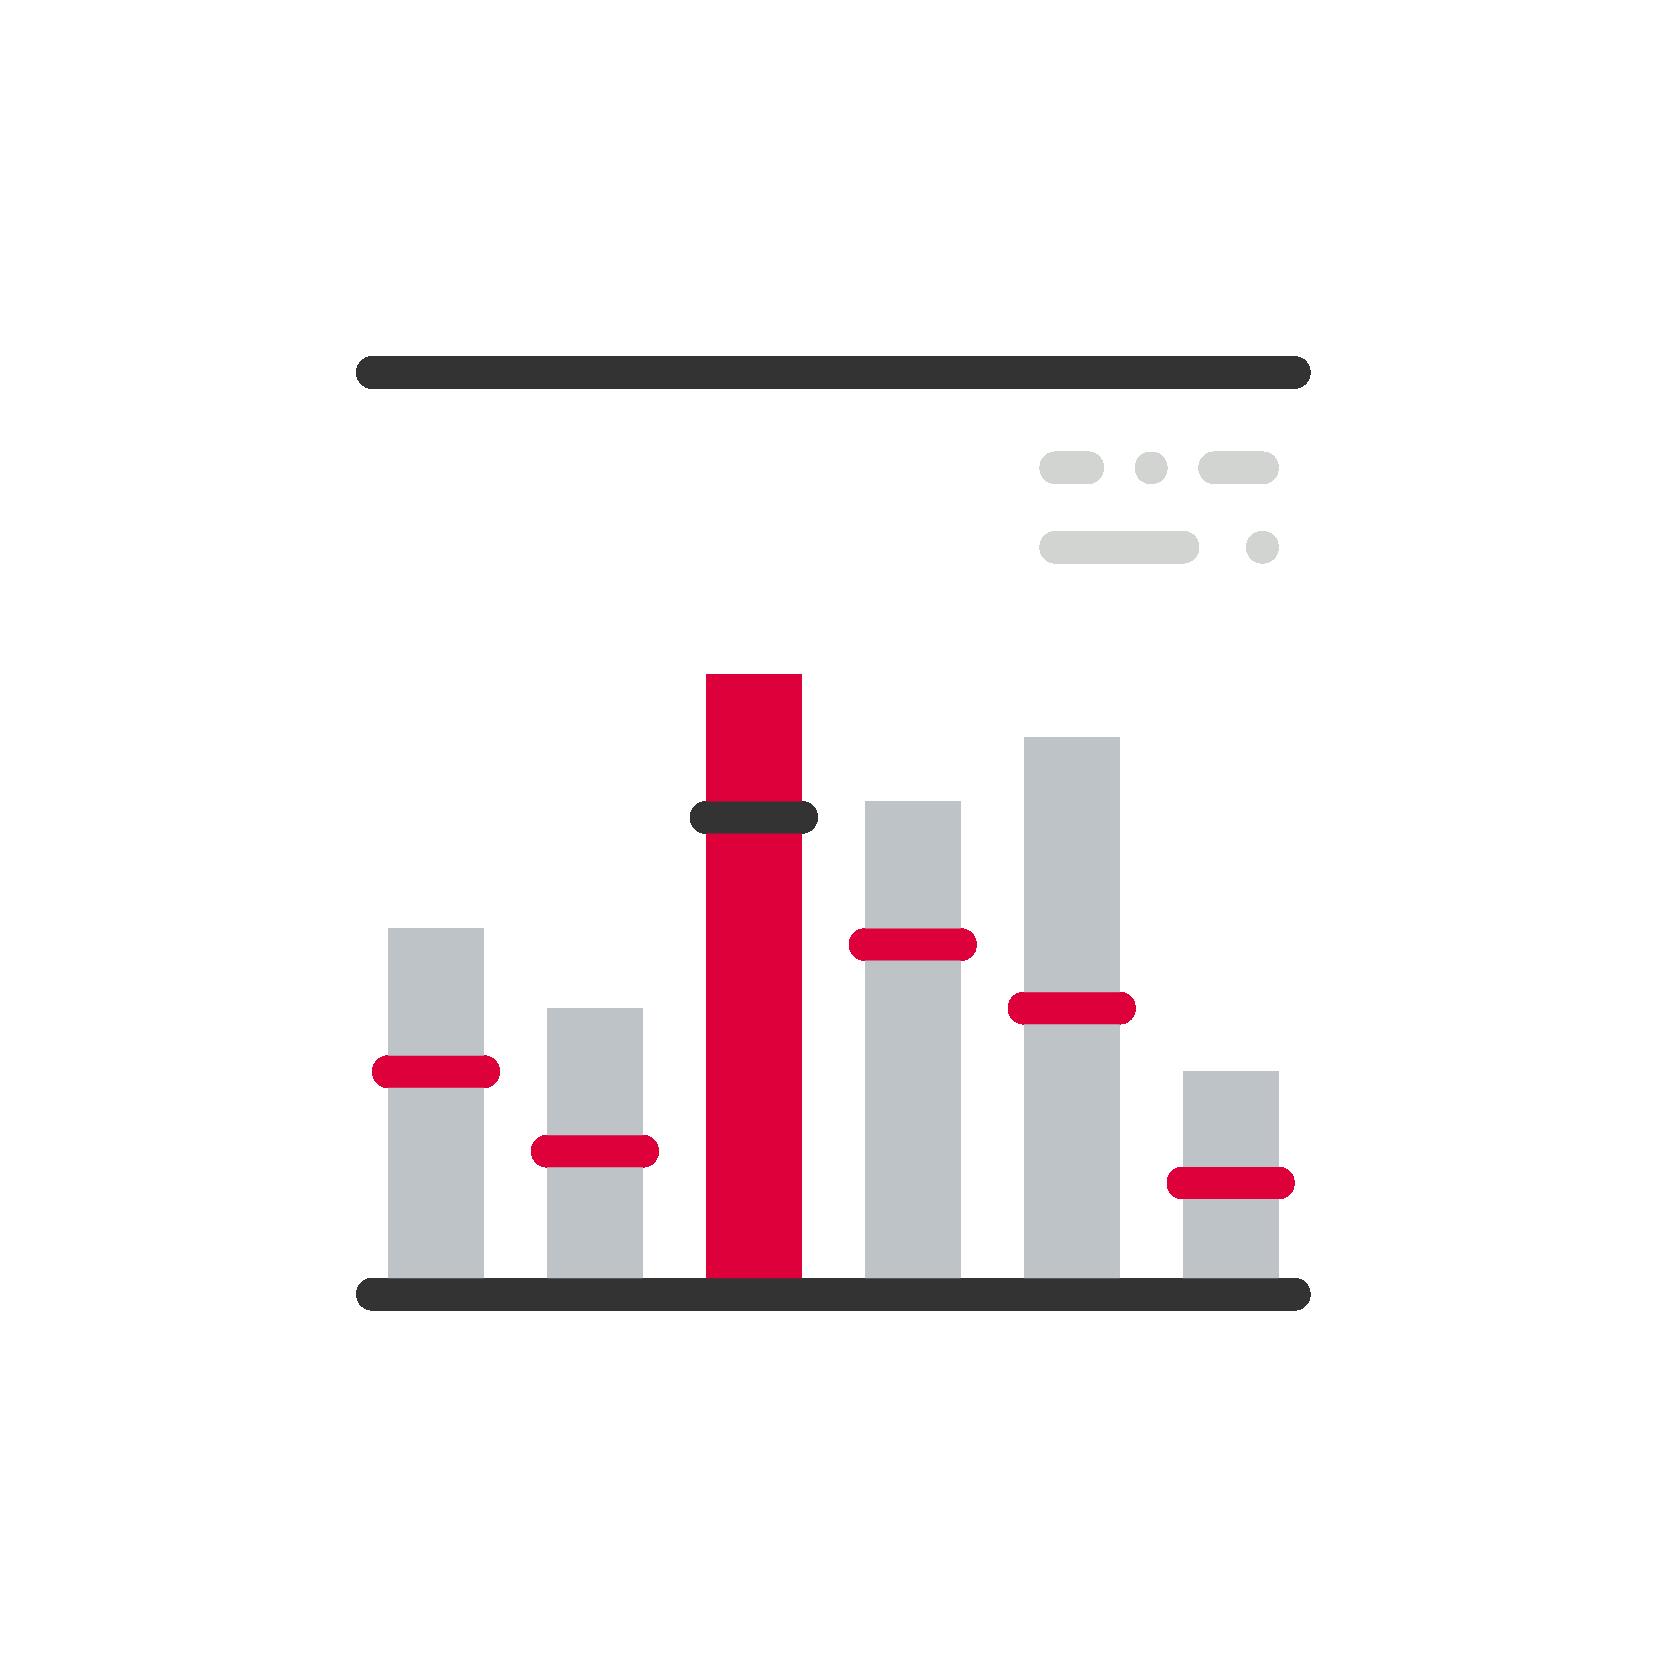 ANALYTICS - Geração de insights através da constante análise das interações do consumidor com a marca